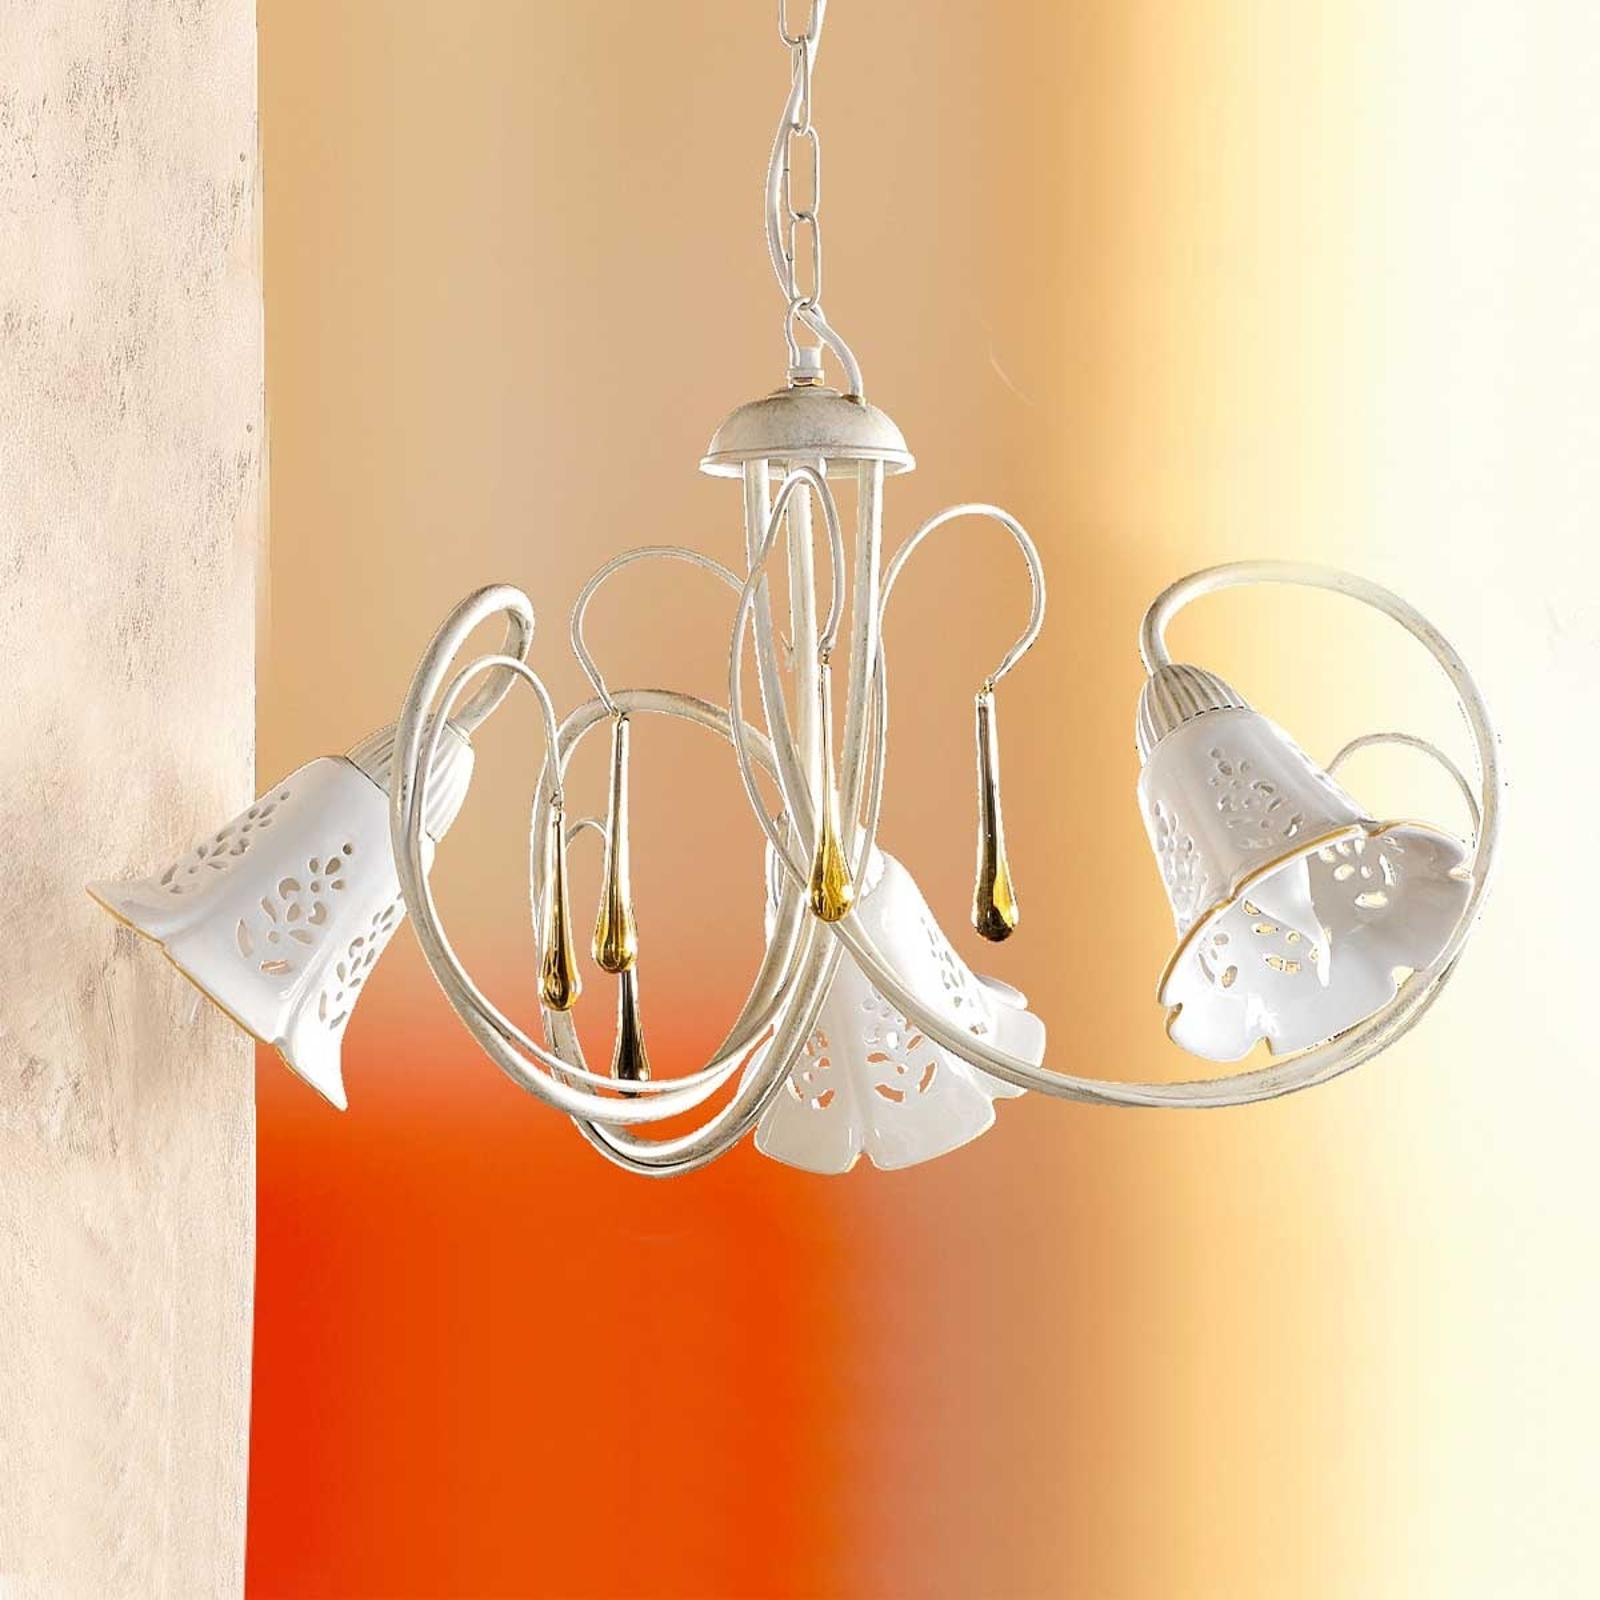 Závesná lampa Gocce 3-plameňová_2013076_1